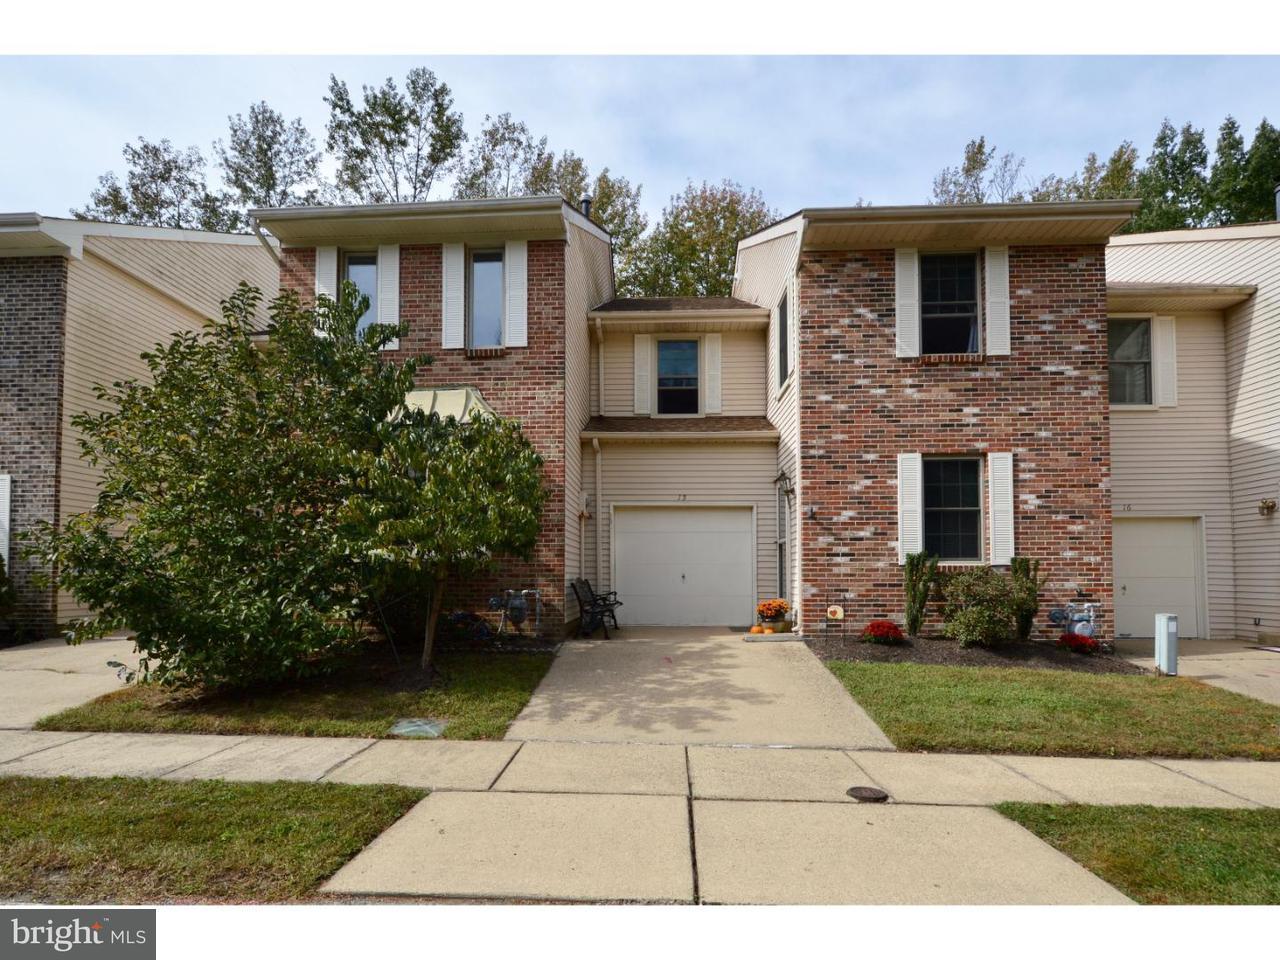 Casa unifamiliar adosada (Townhouse) por un Venta en 15 REGENT Court Medford, Nueva Jersey 08055 Estados Unidos